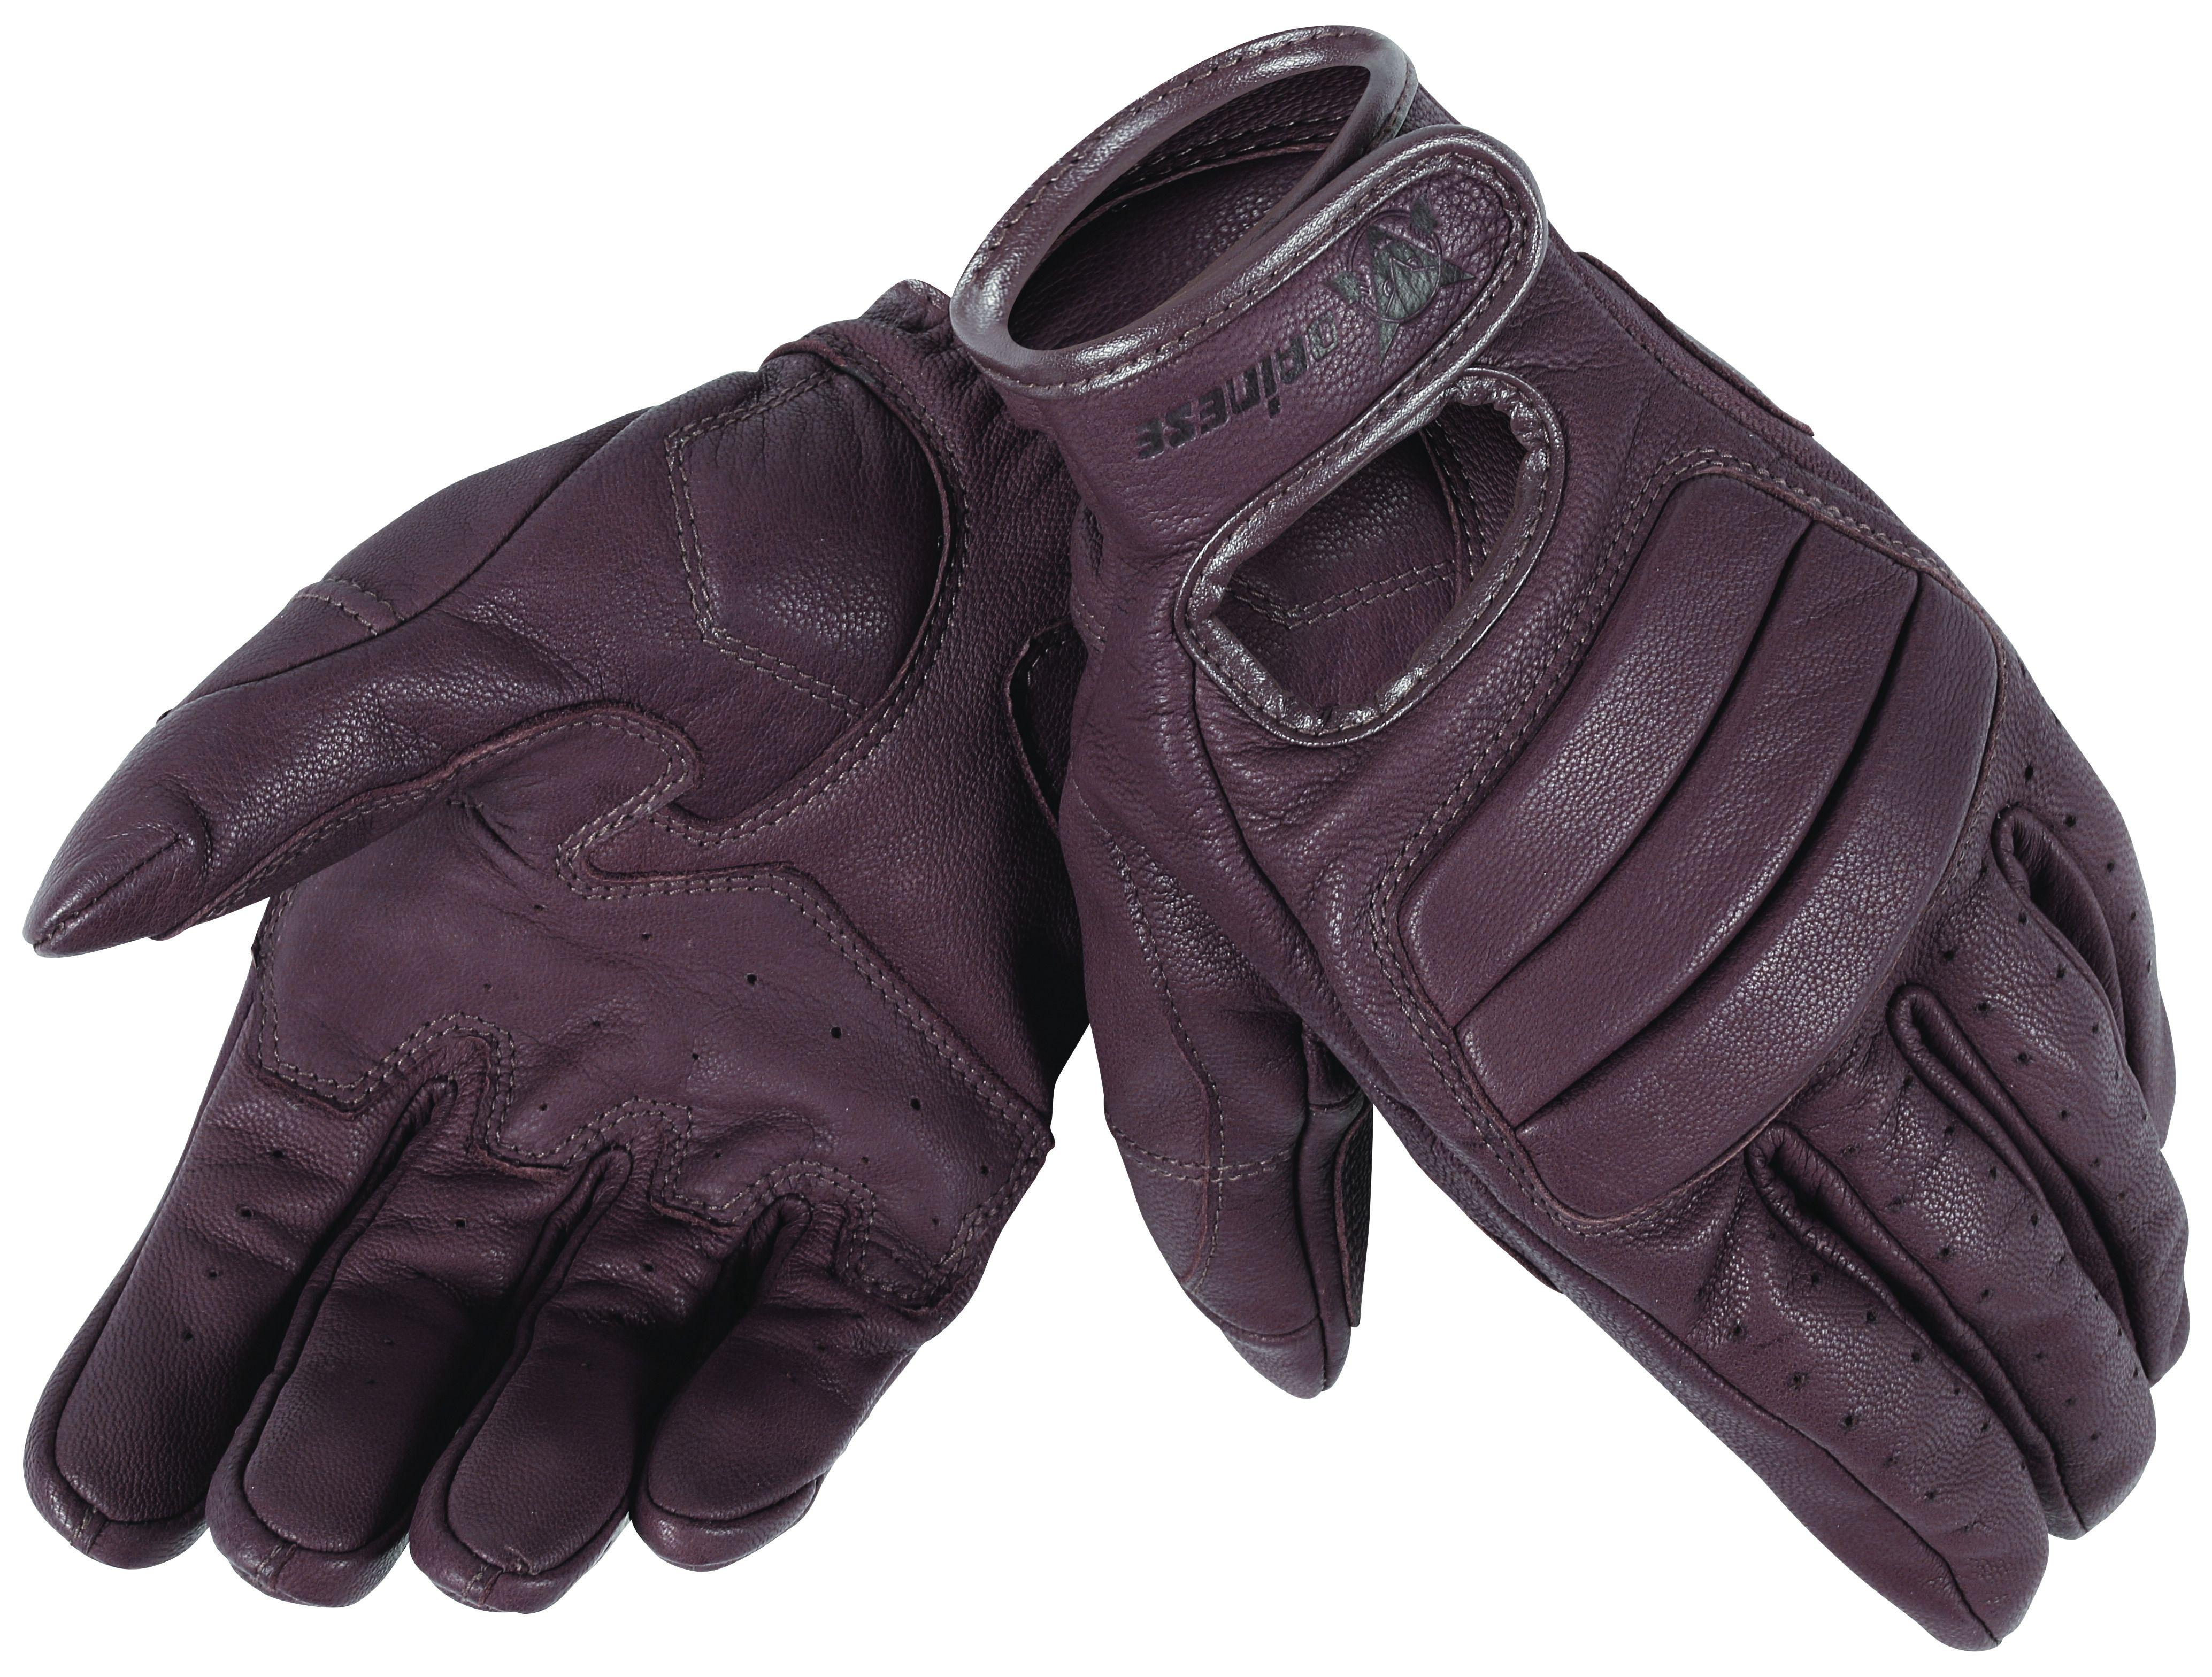 Driving gloves for arthritis - Dainese Ellis Women S Gloves Driving Glovesdaineseellismotorcyclesarthritisform